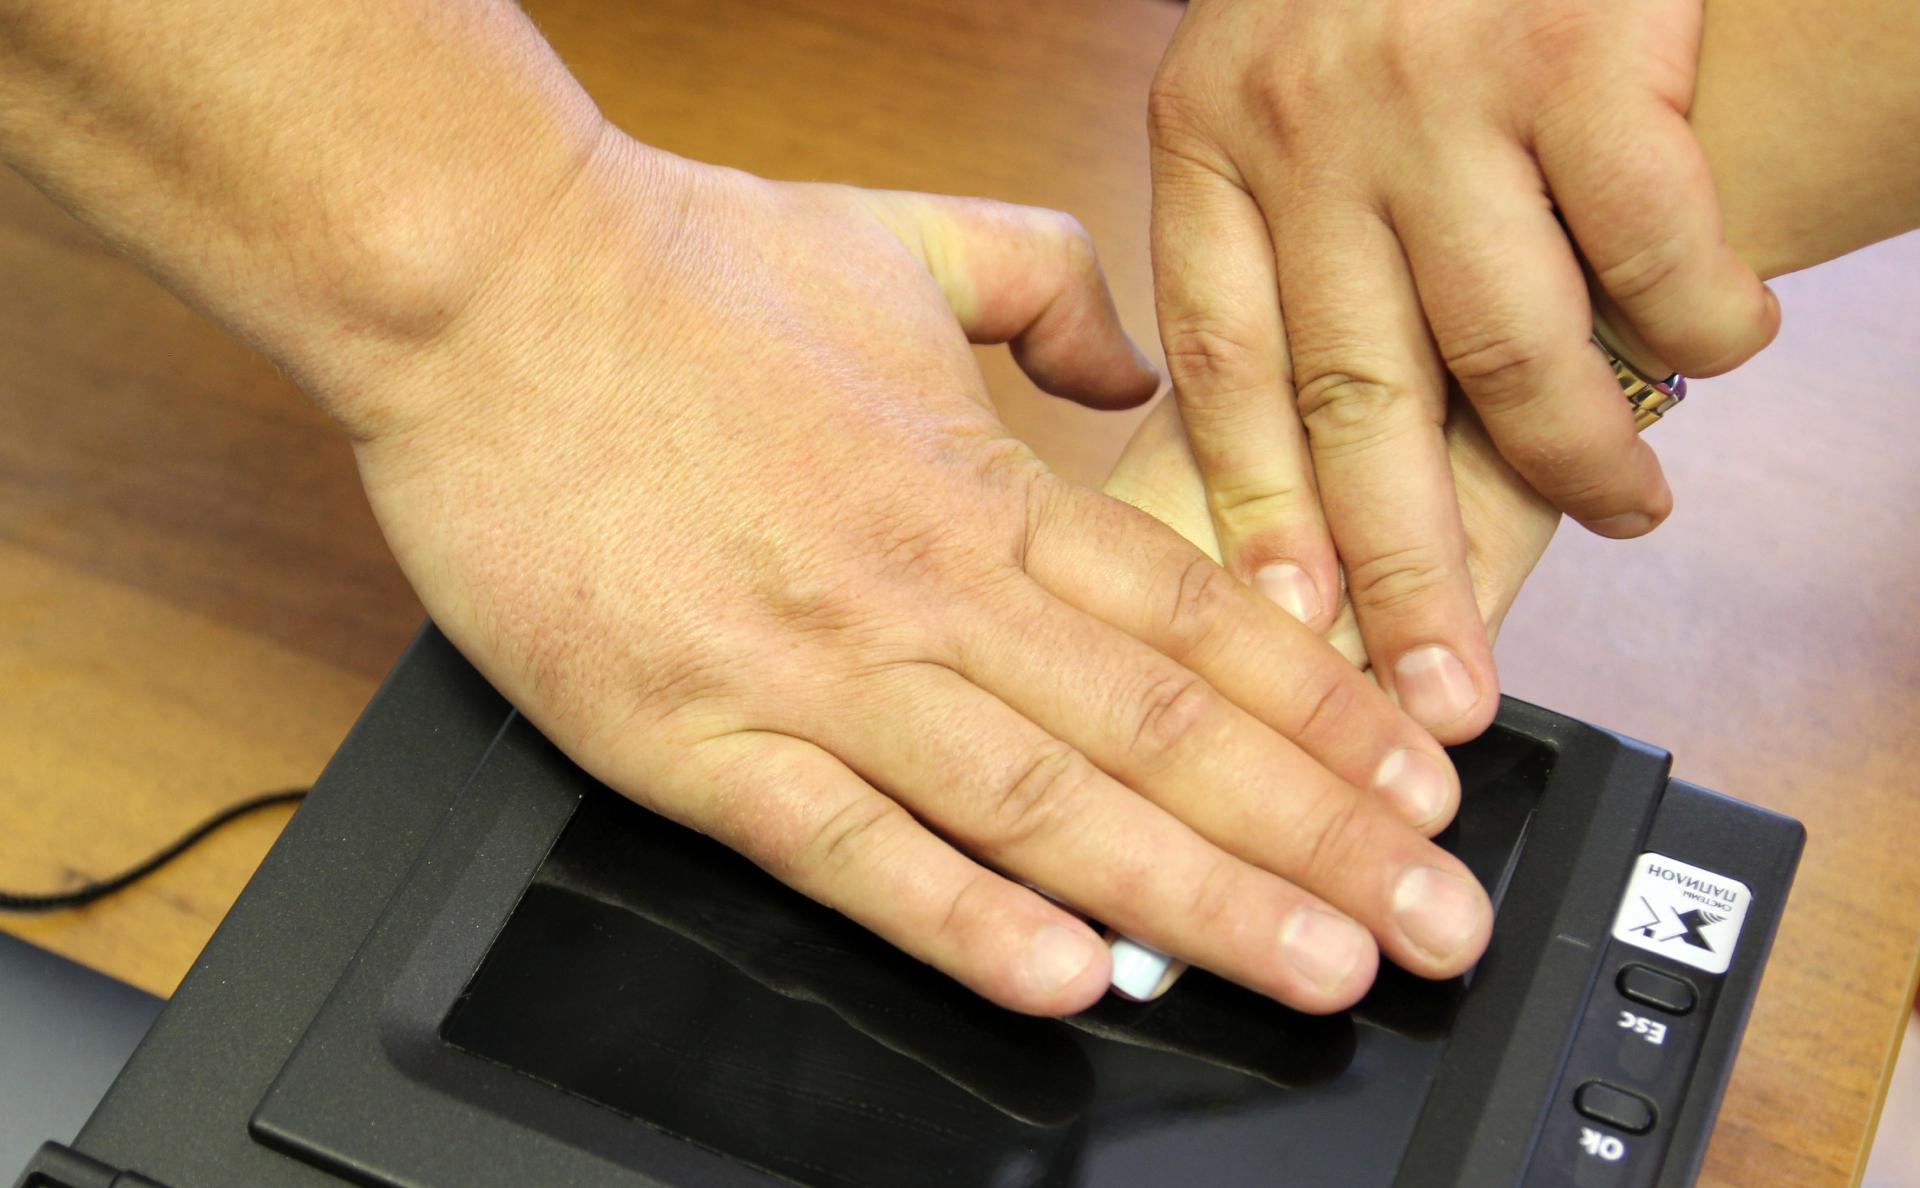 МВД предложило хранить отпечатки пальцев россиян до 100-летнего возраста